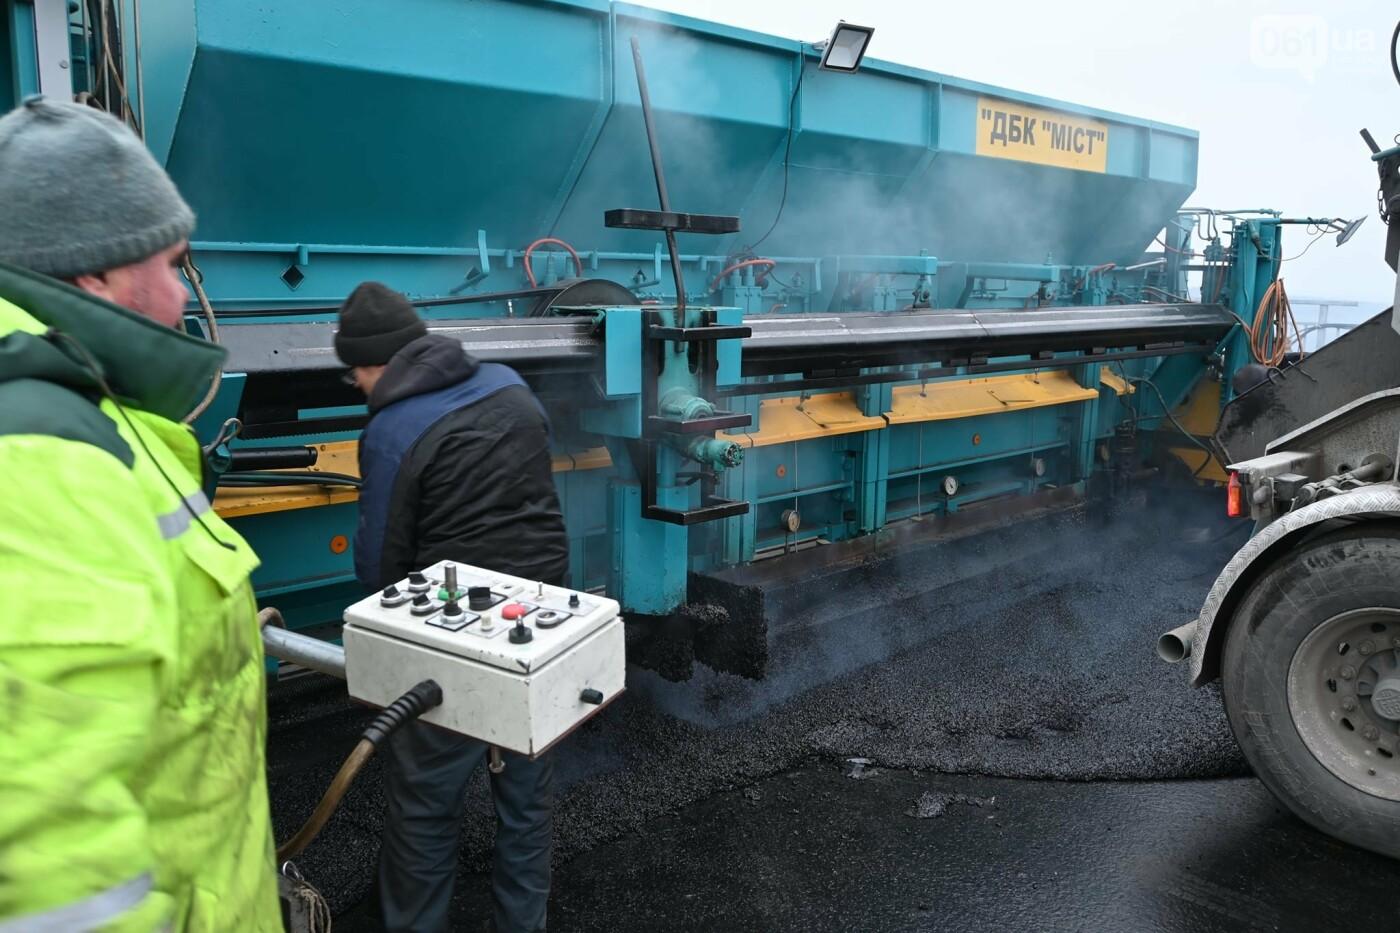 В Службе автодорог показали технологию укладки гусасфальта на строительстве мостов, - ФОТО, ВИДЕО, фото-12